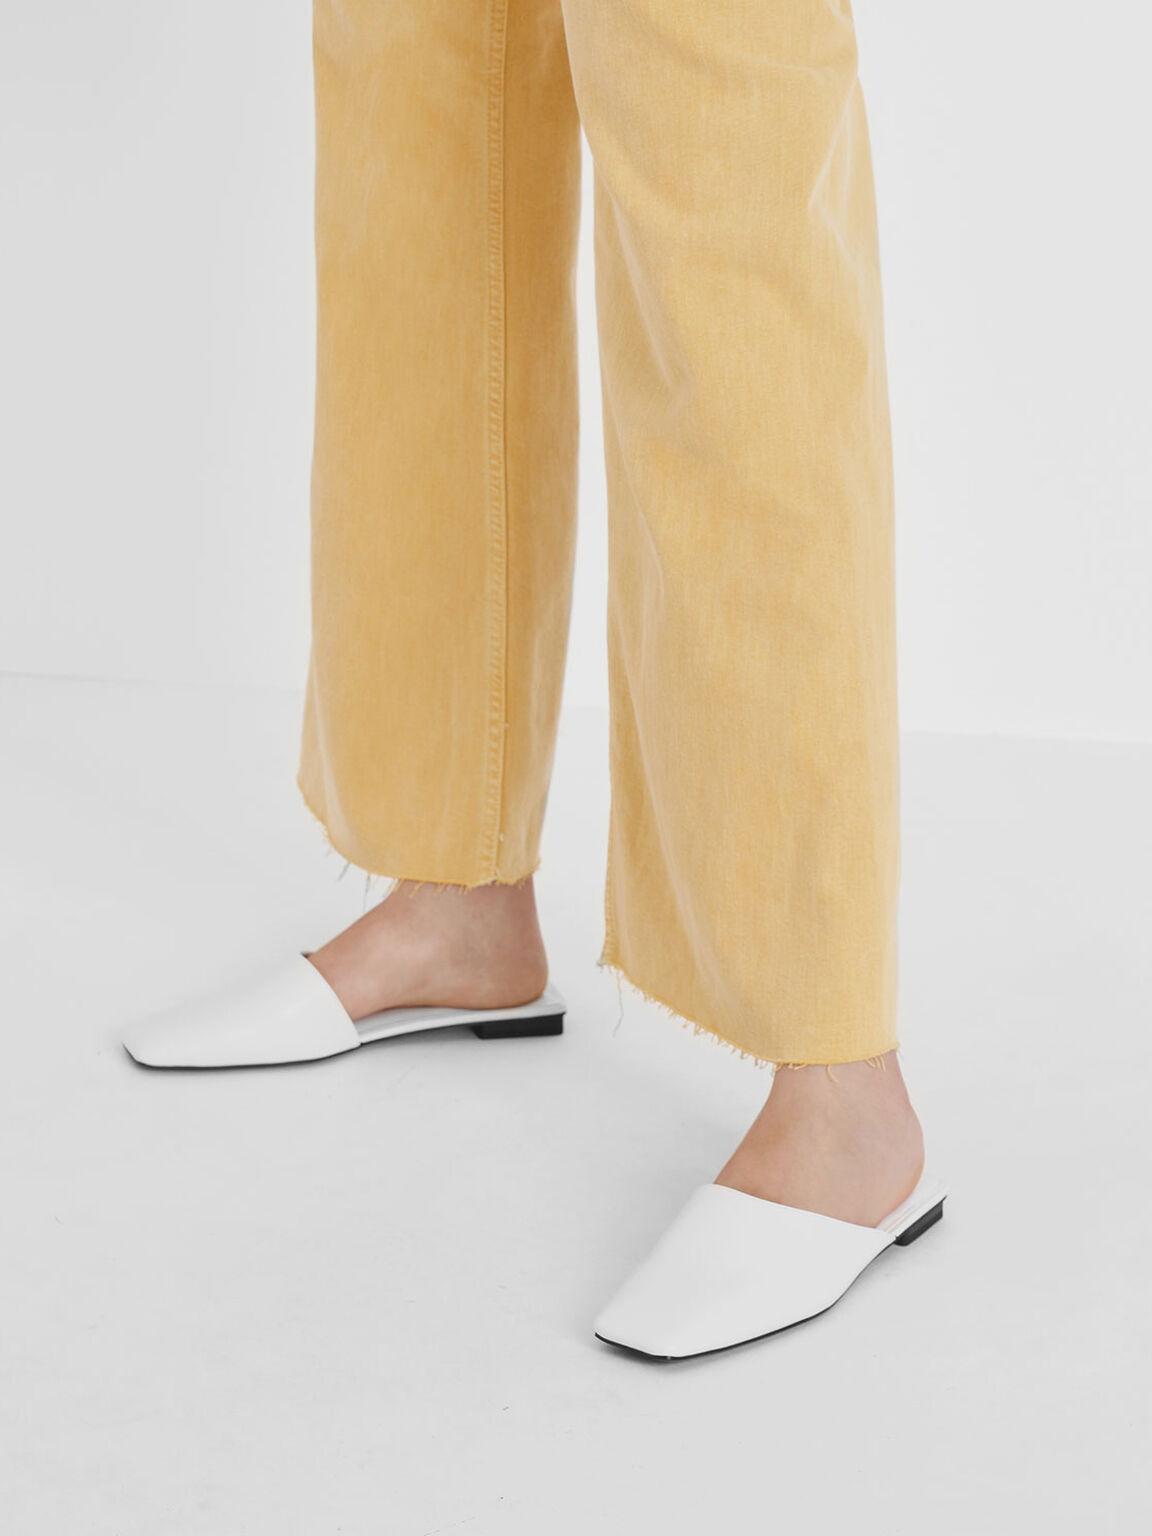 Square Toe Asymmetrical Mules, White, hi-res